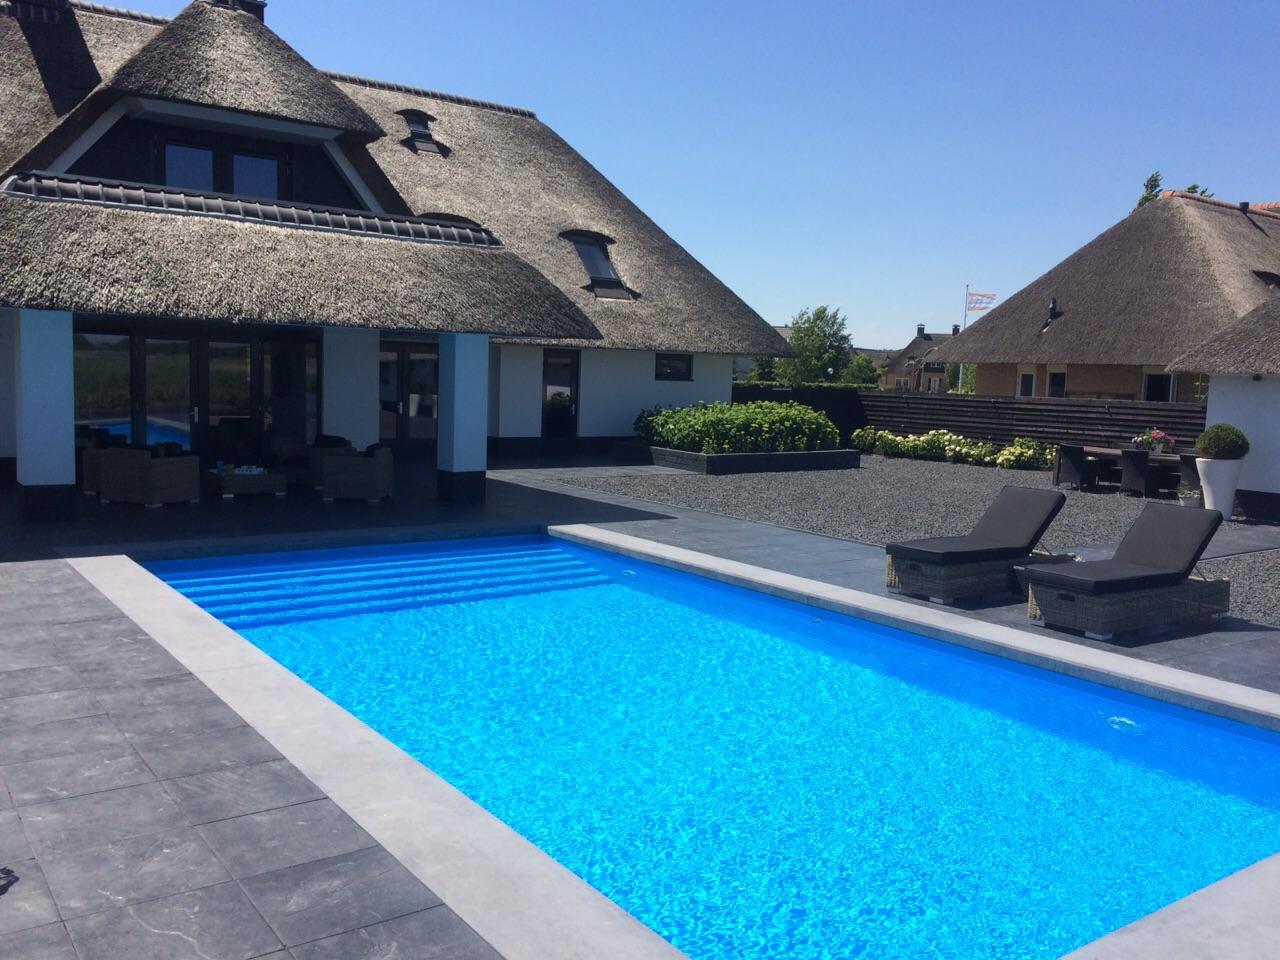 Inbouw Zwembad Van Zsw Thuisrecreatie